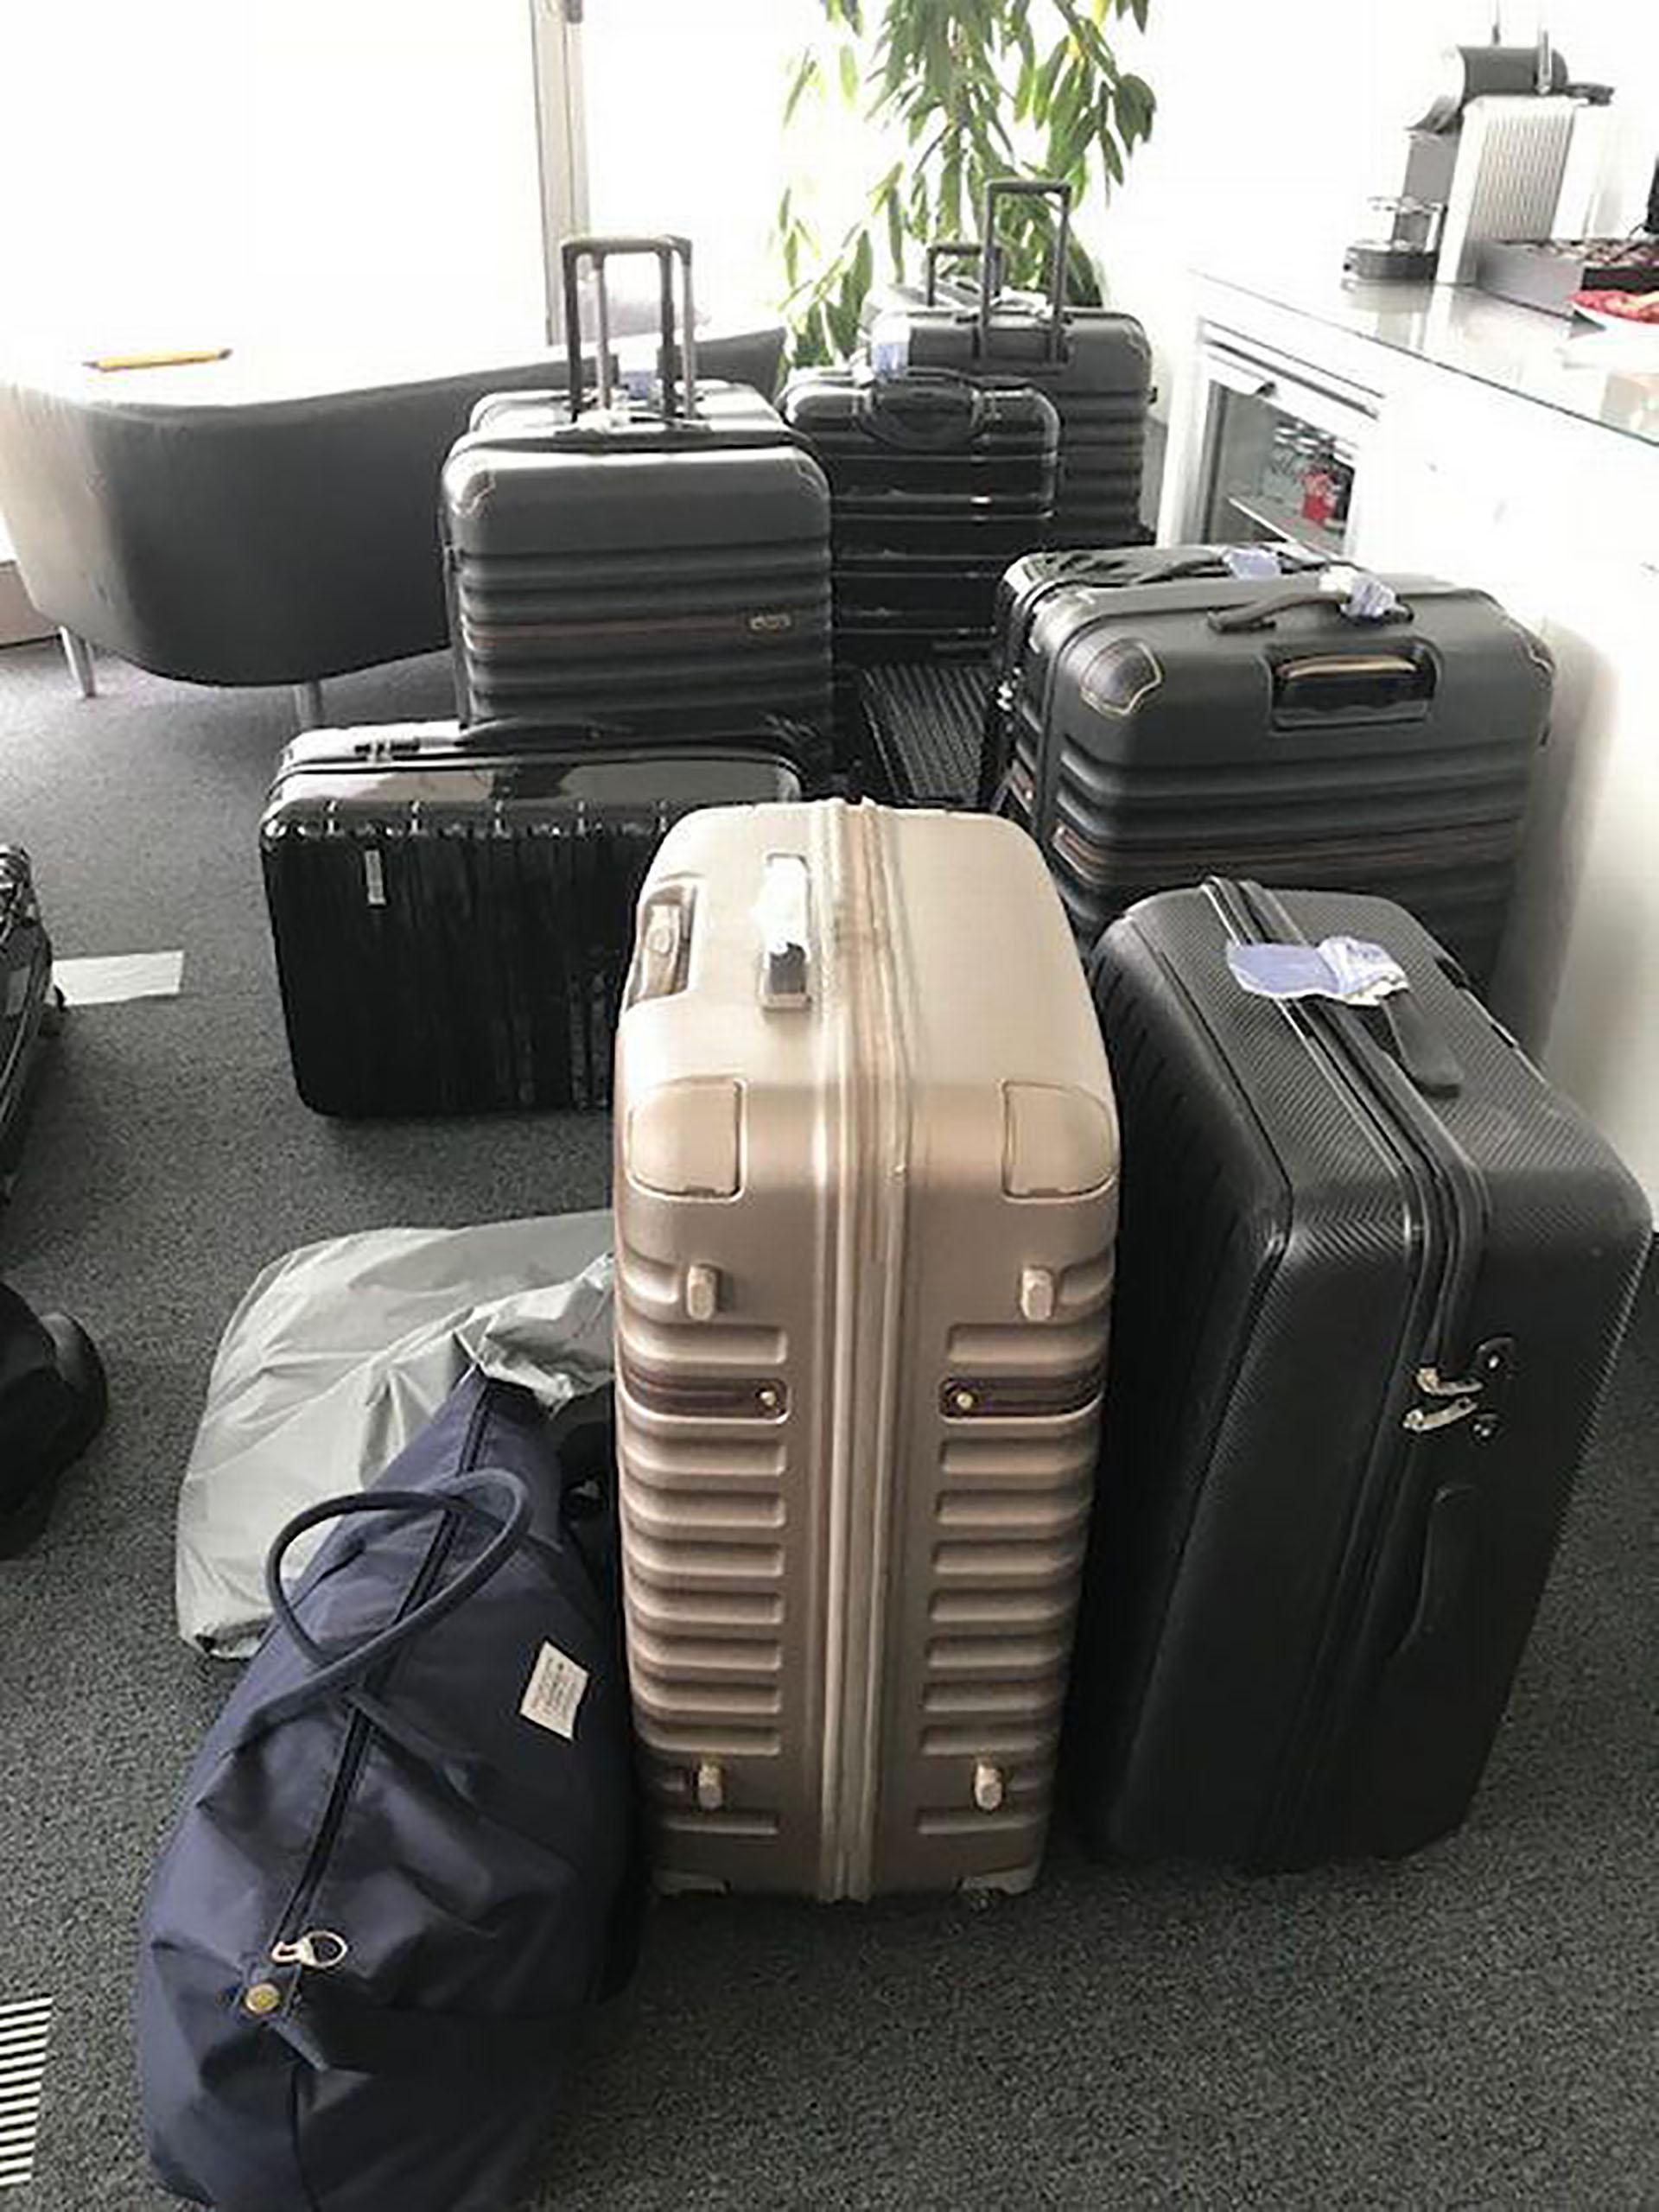 Las maletas donde se ocultó la cocaína (Home Office Reino Unido)